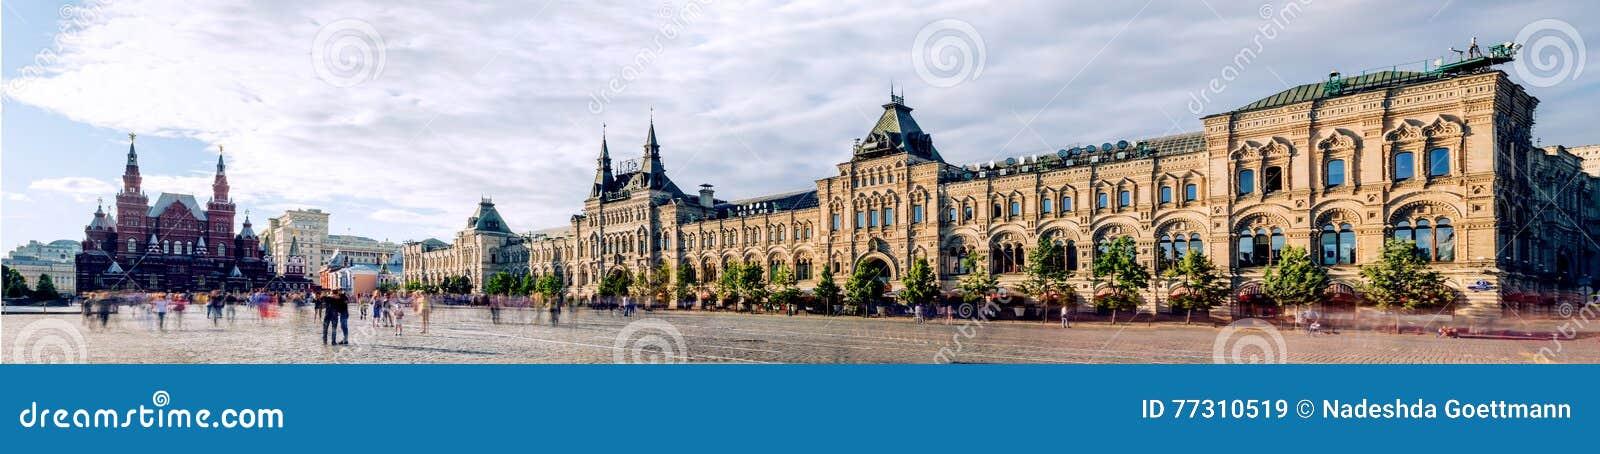 Πανοραμικό κόκκινο τετράγωνο, ιστορικές μουσείο και ΓΟΜΜΑ στη Μόσχα, Ρωσία